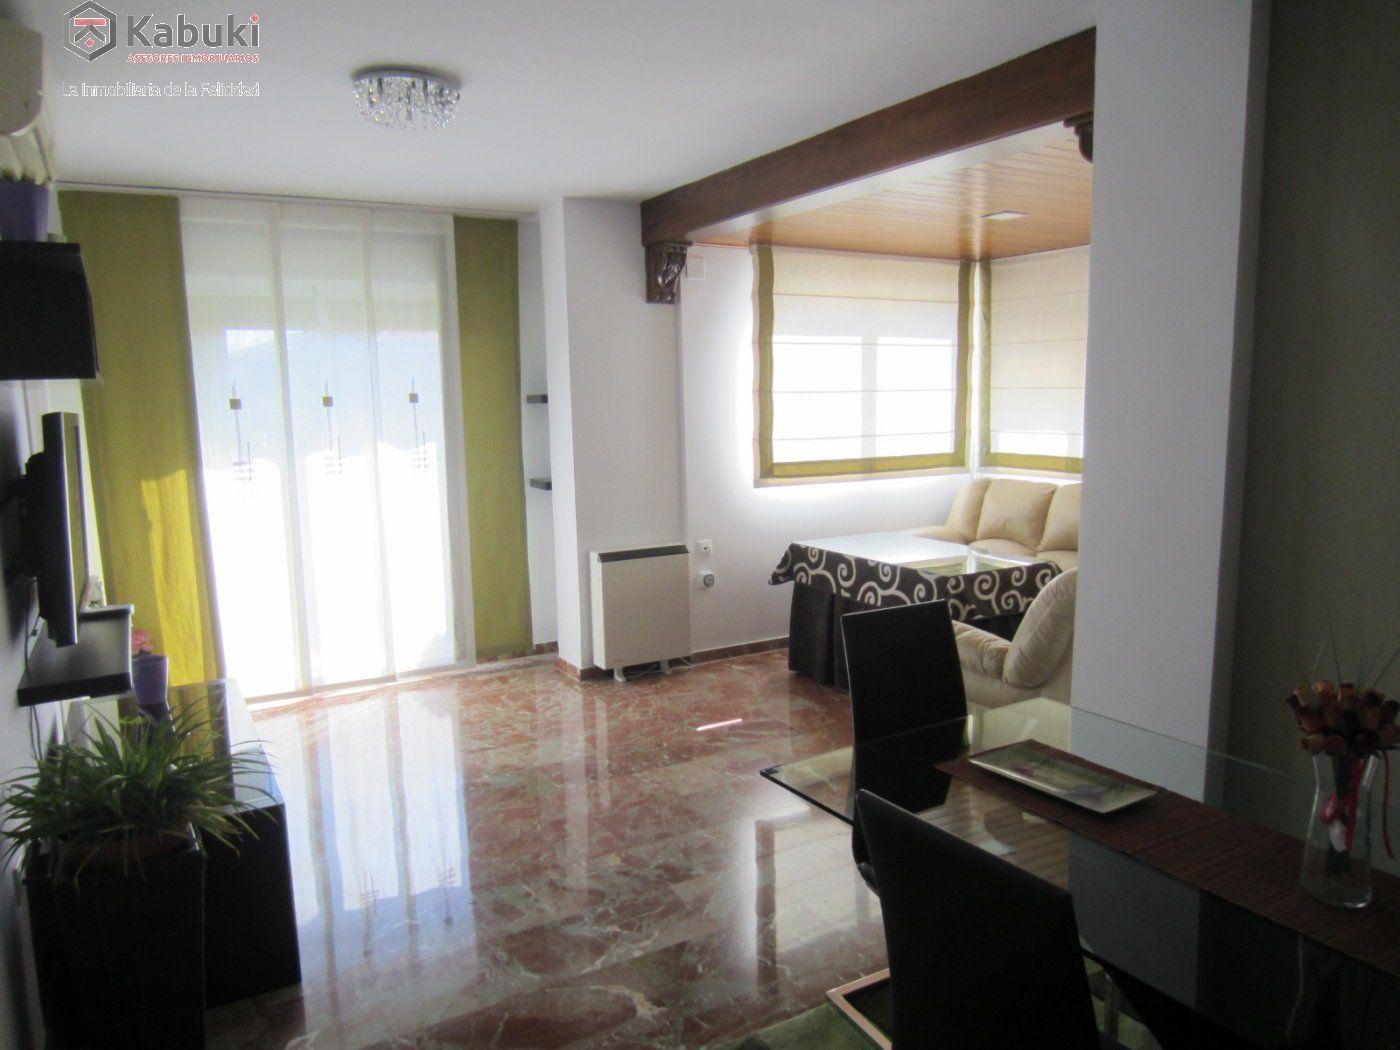 Ático con vistas despejadas en zona residencial, 3 dormitorios, inmejorables calidades - imagenInmueble2